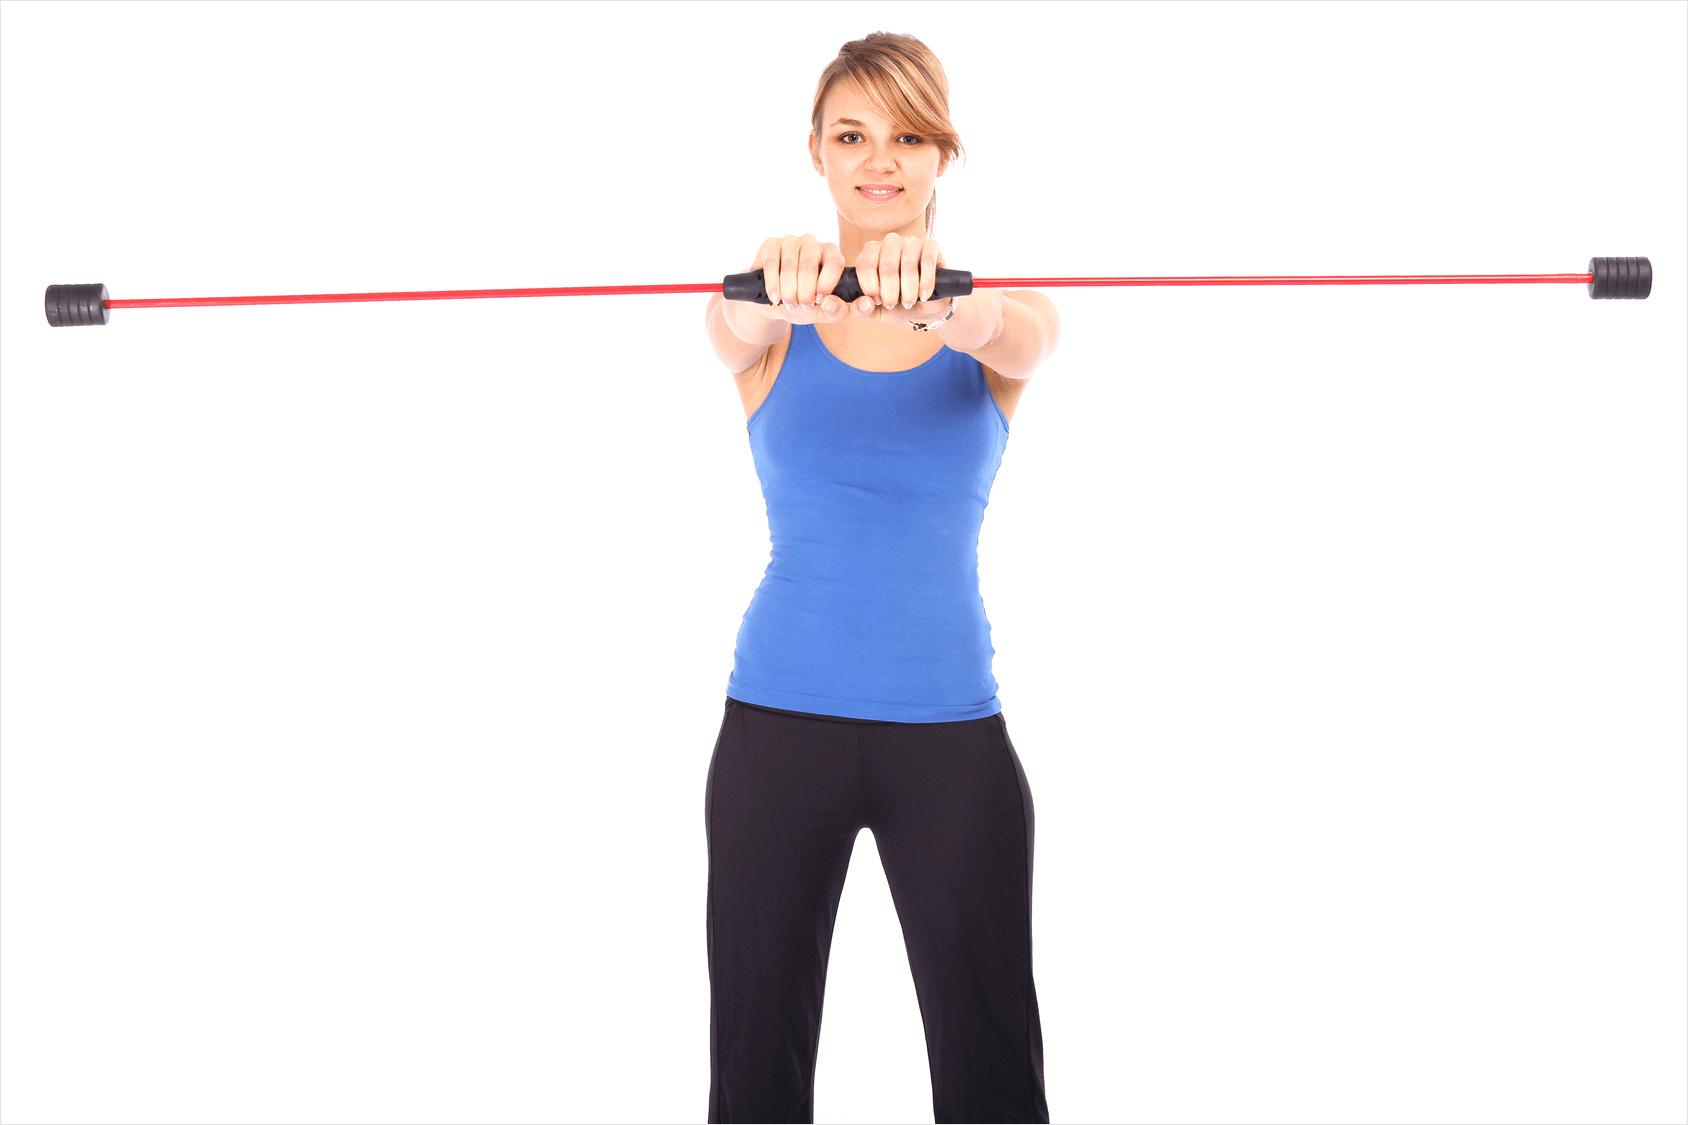 swingstick-bioswing-training-wiki